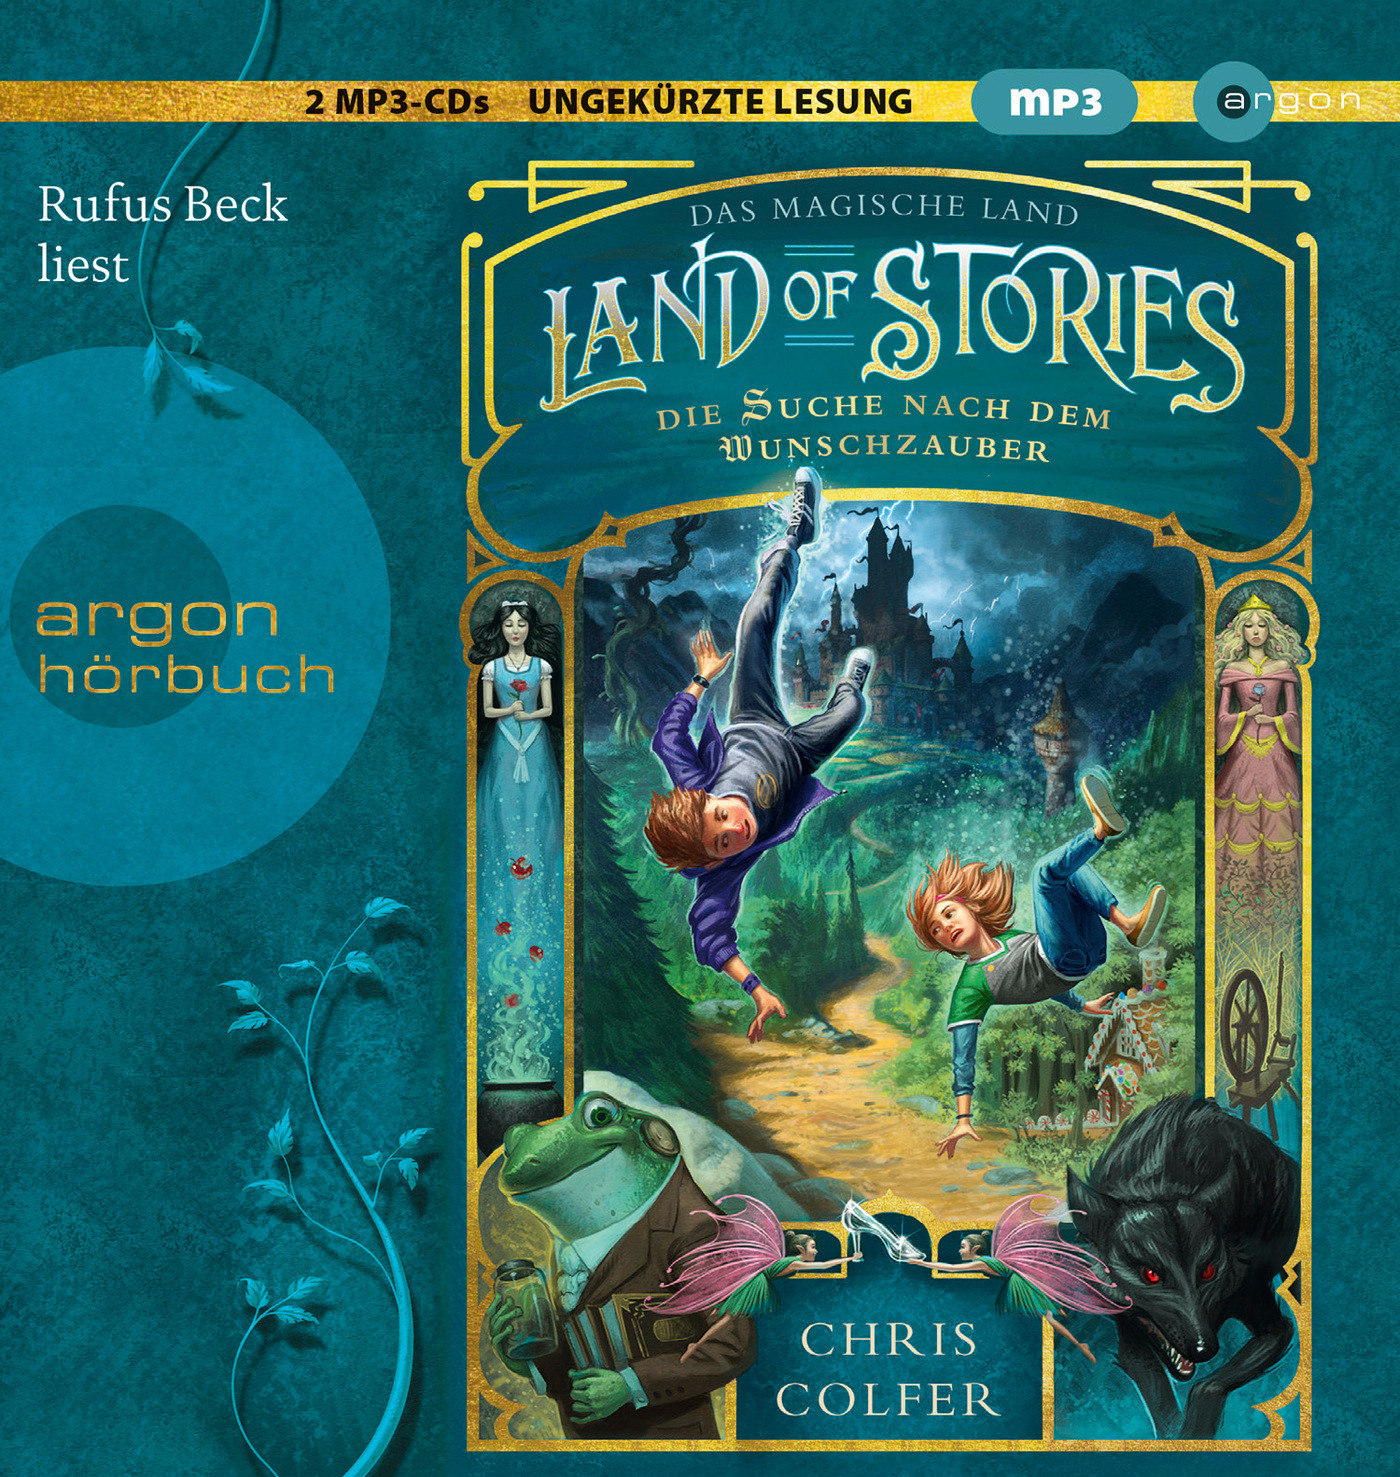 Land of Stories – Das magische Land 1: Die Suche nach dem Wunschzauber